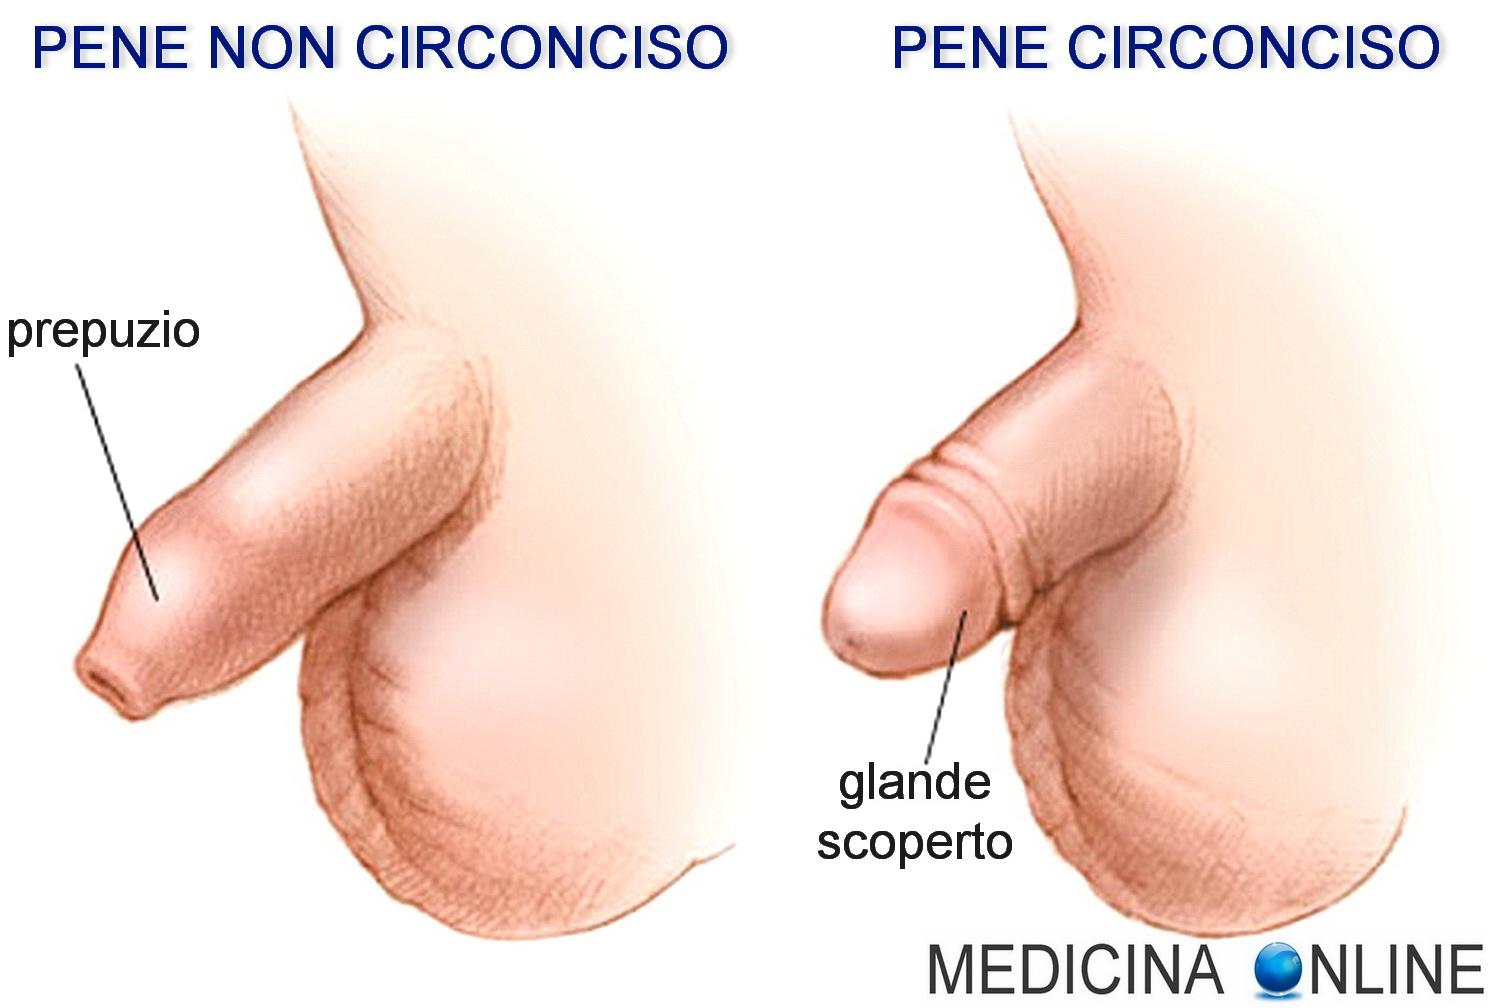 uomini con il pene in erezione